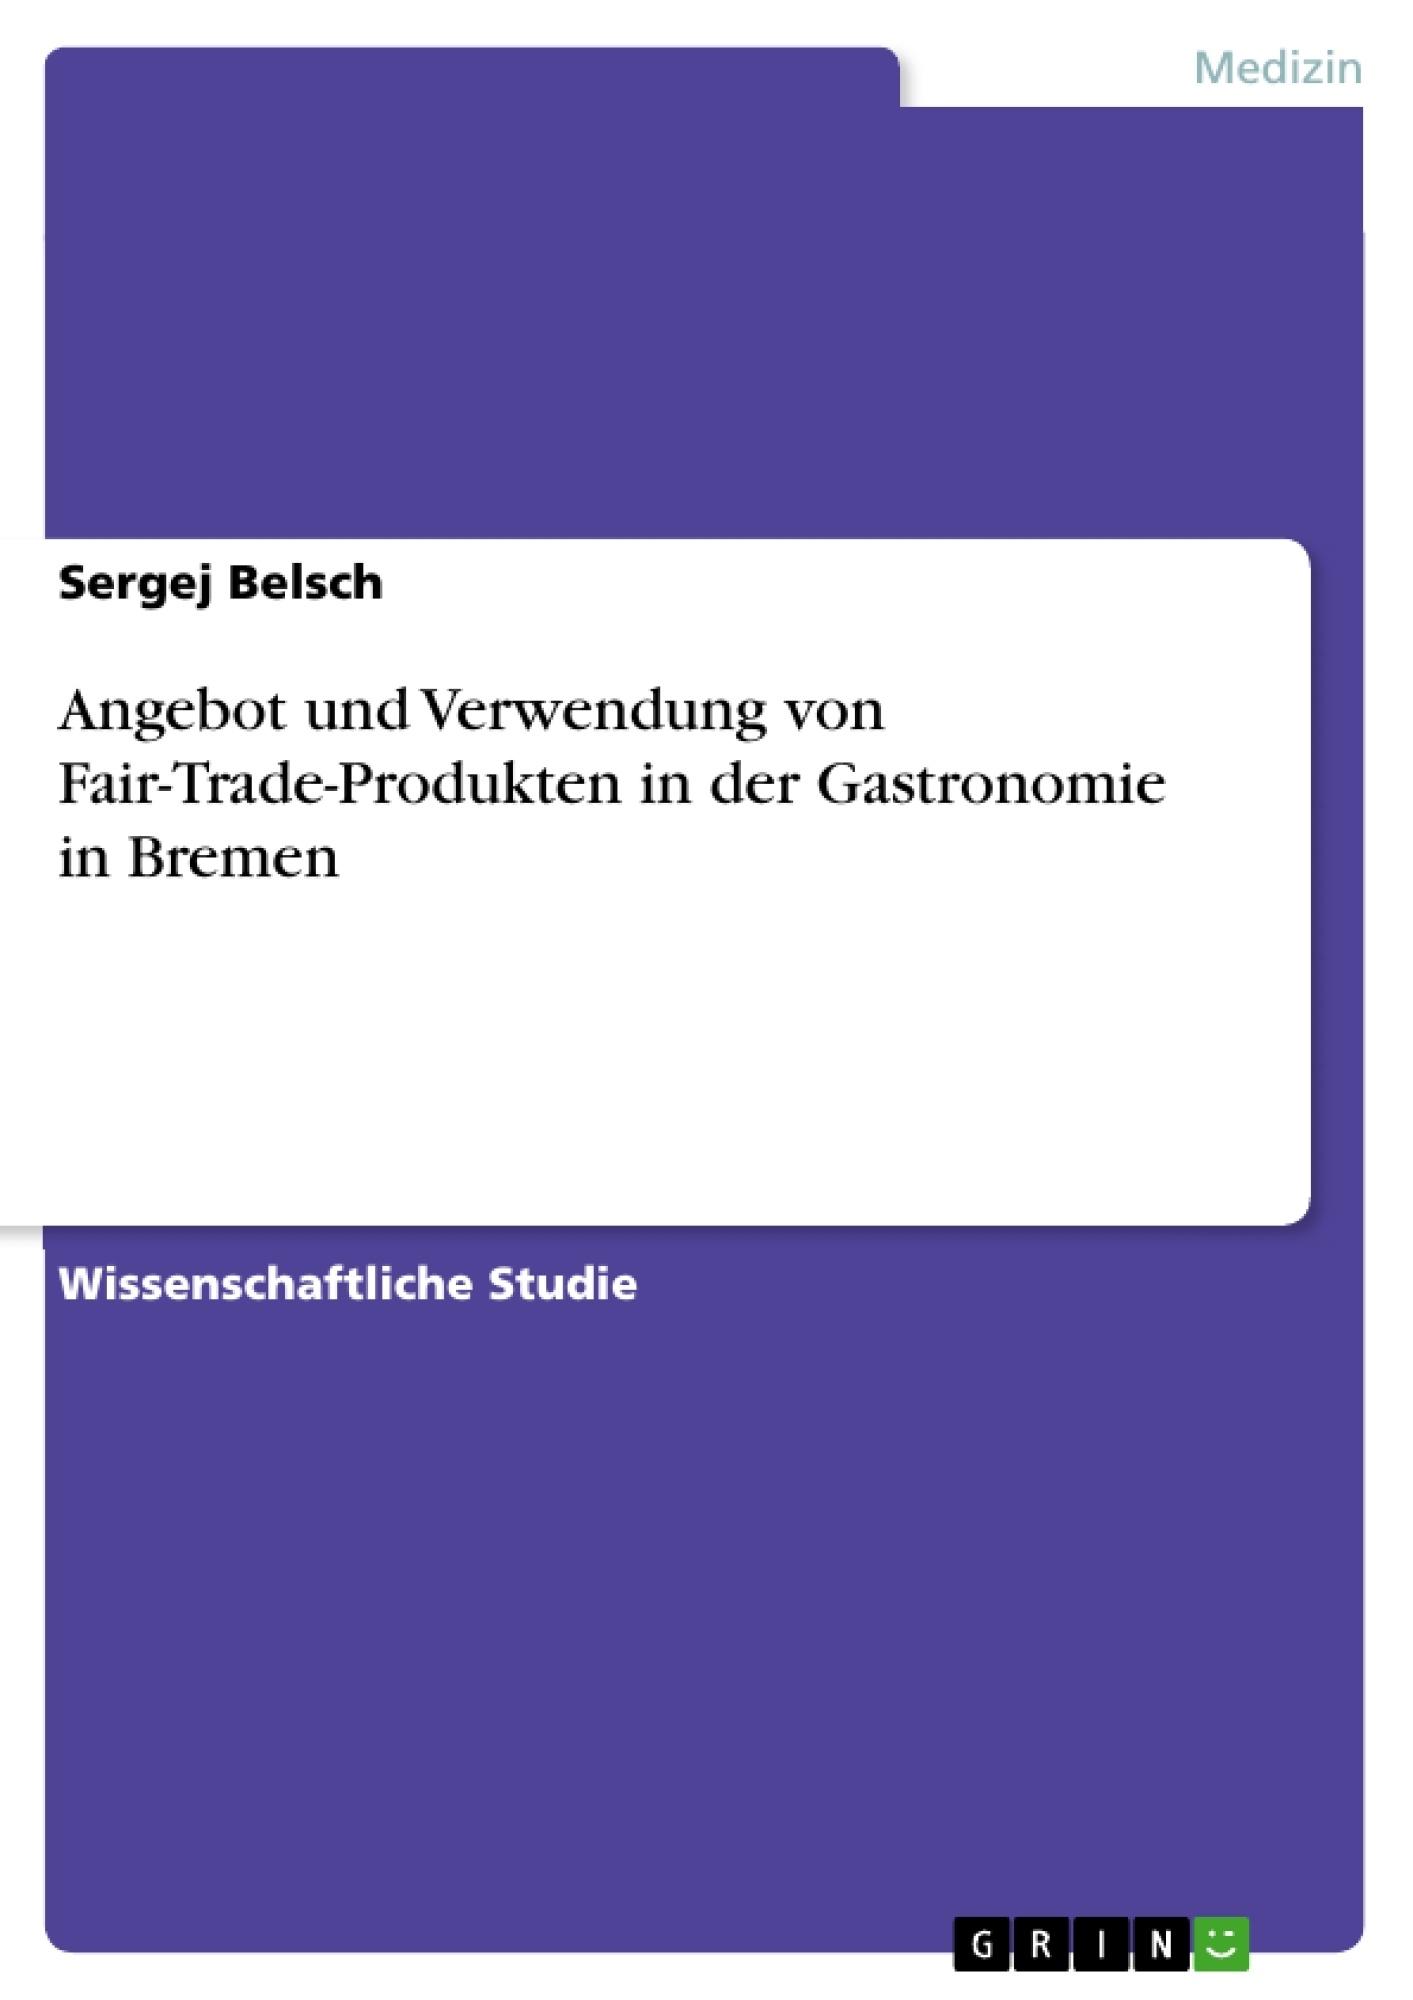 Titel: Angebot und Verwendung von Fair-Trade-Produkten in der Gastronomie in Bremen